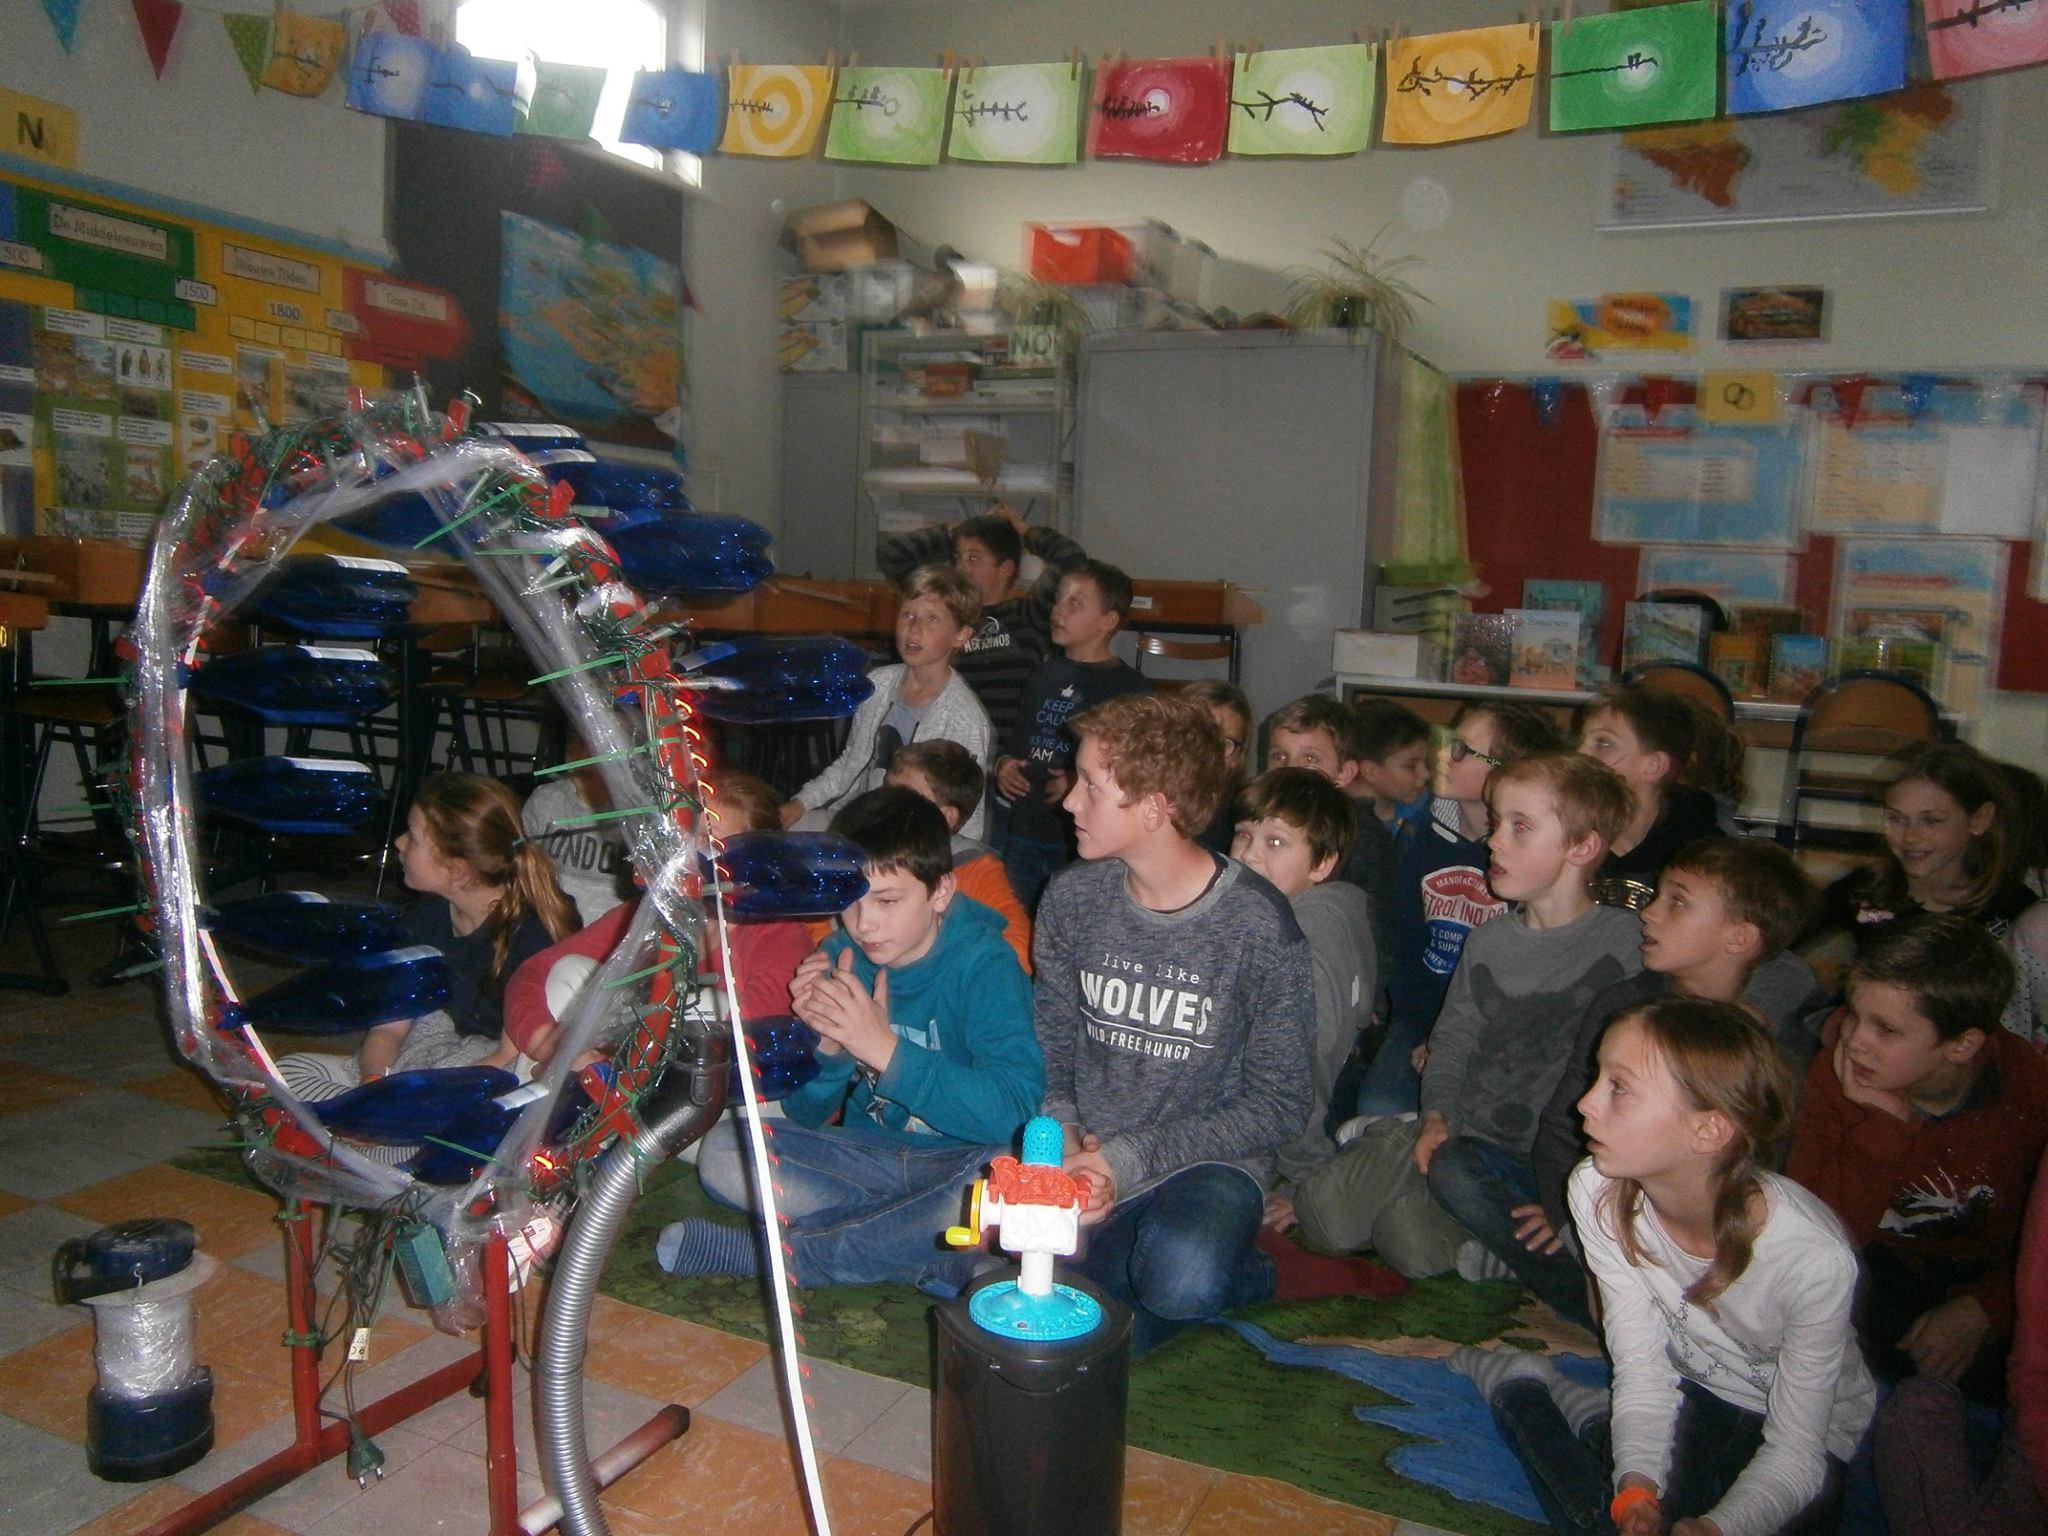 Lagere school, Stasegem, Empire